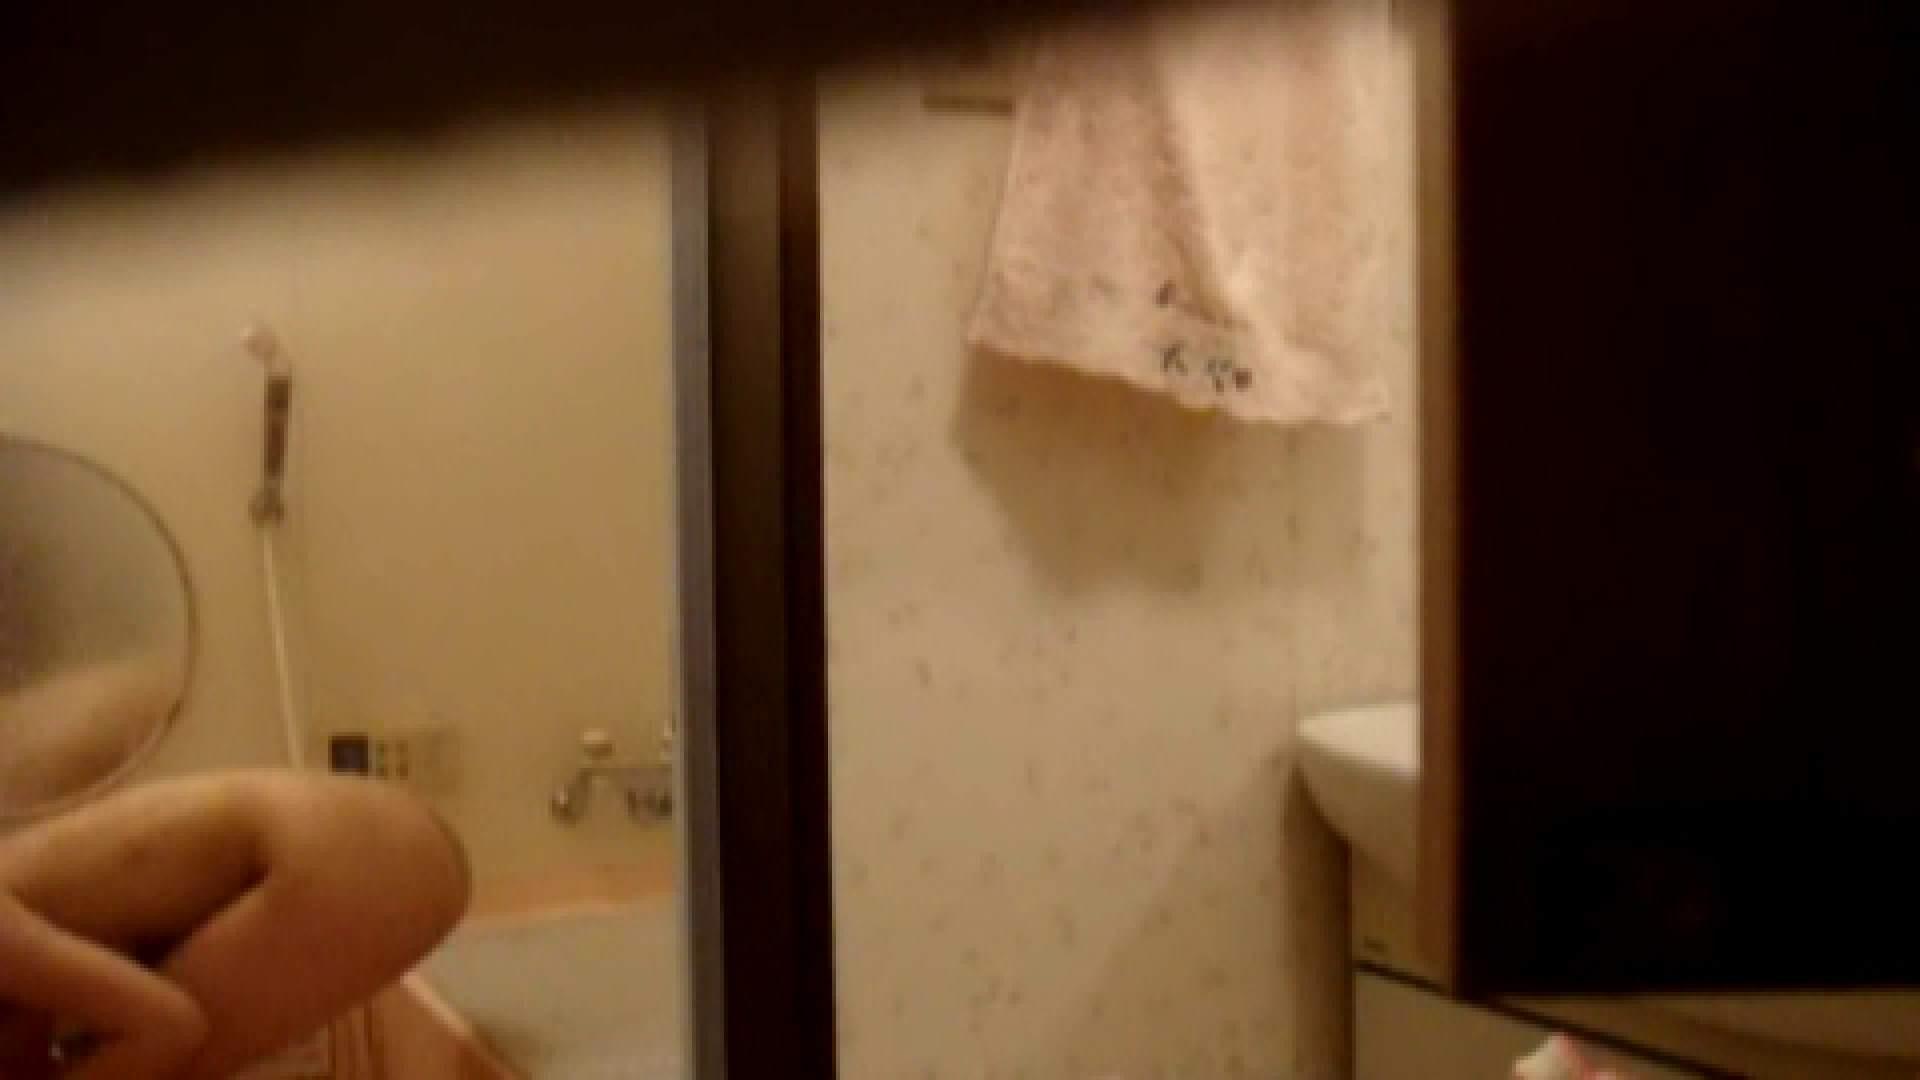 二人とも育てた甲斐がありました… vol.08 まどかの入浴中にカメラに気付いたか!? 綺麗なOLたち | 入浴  90枚 11